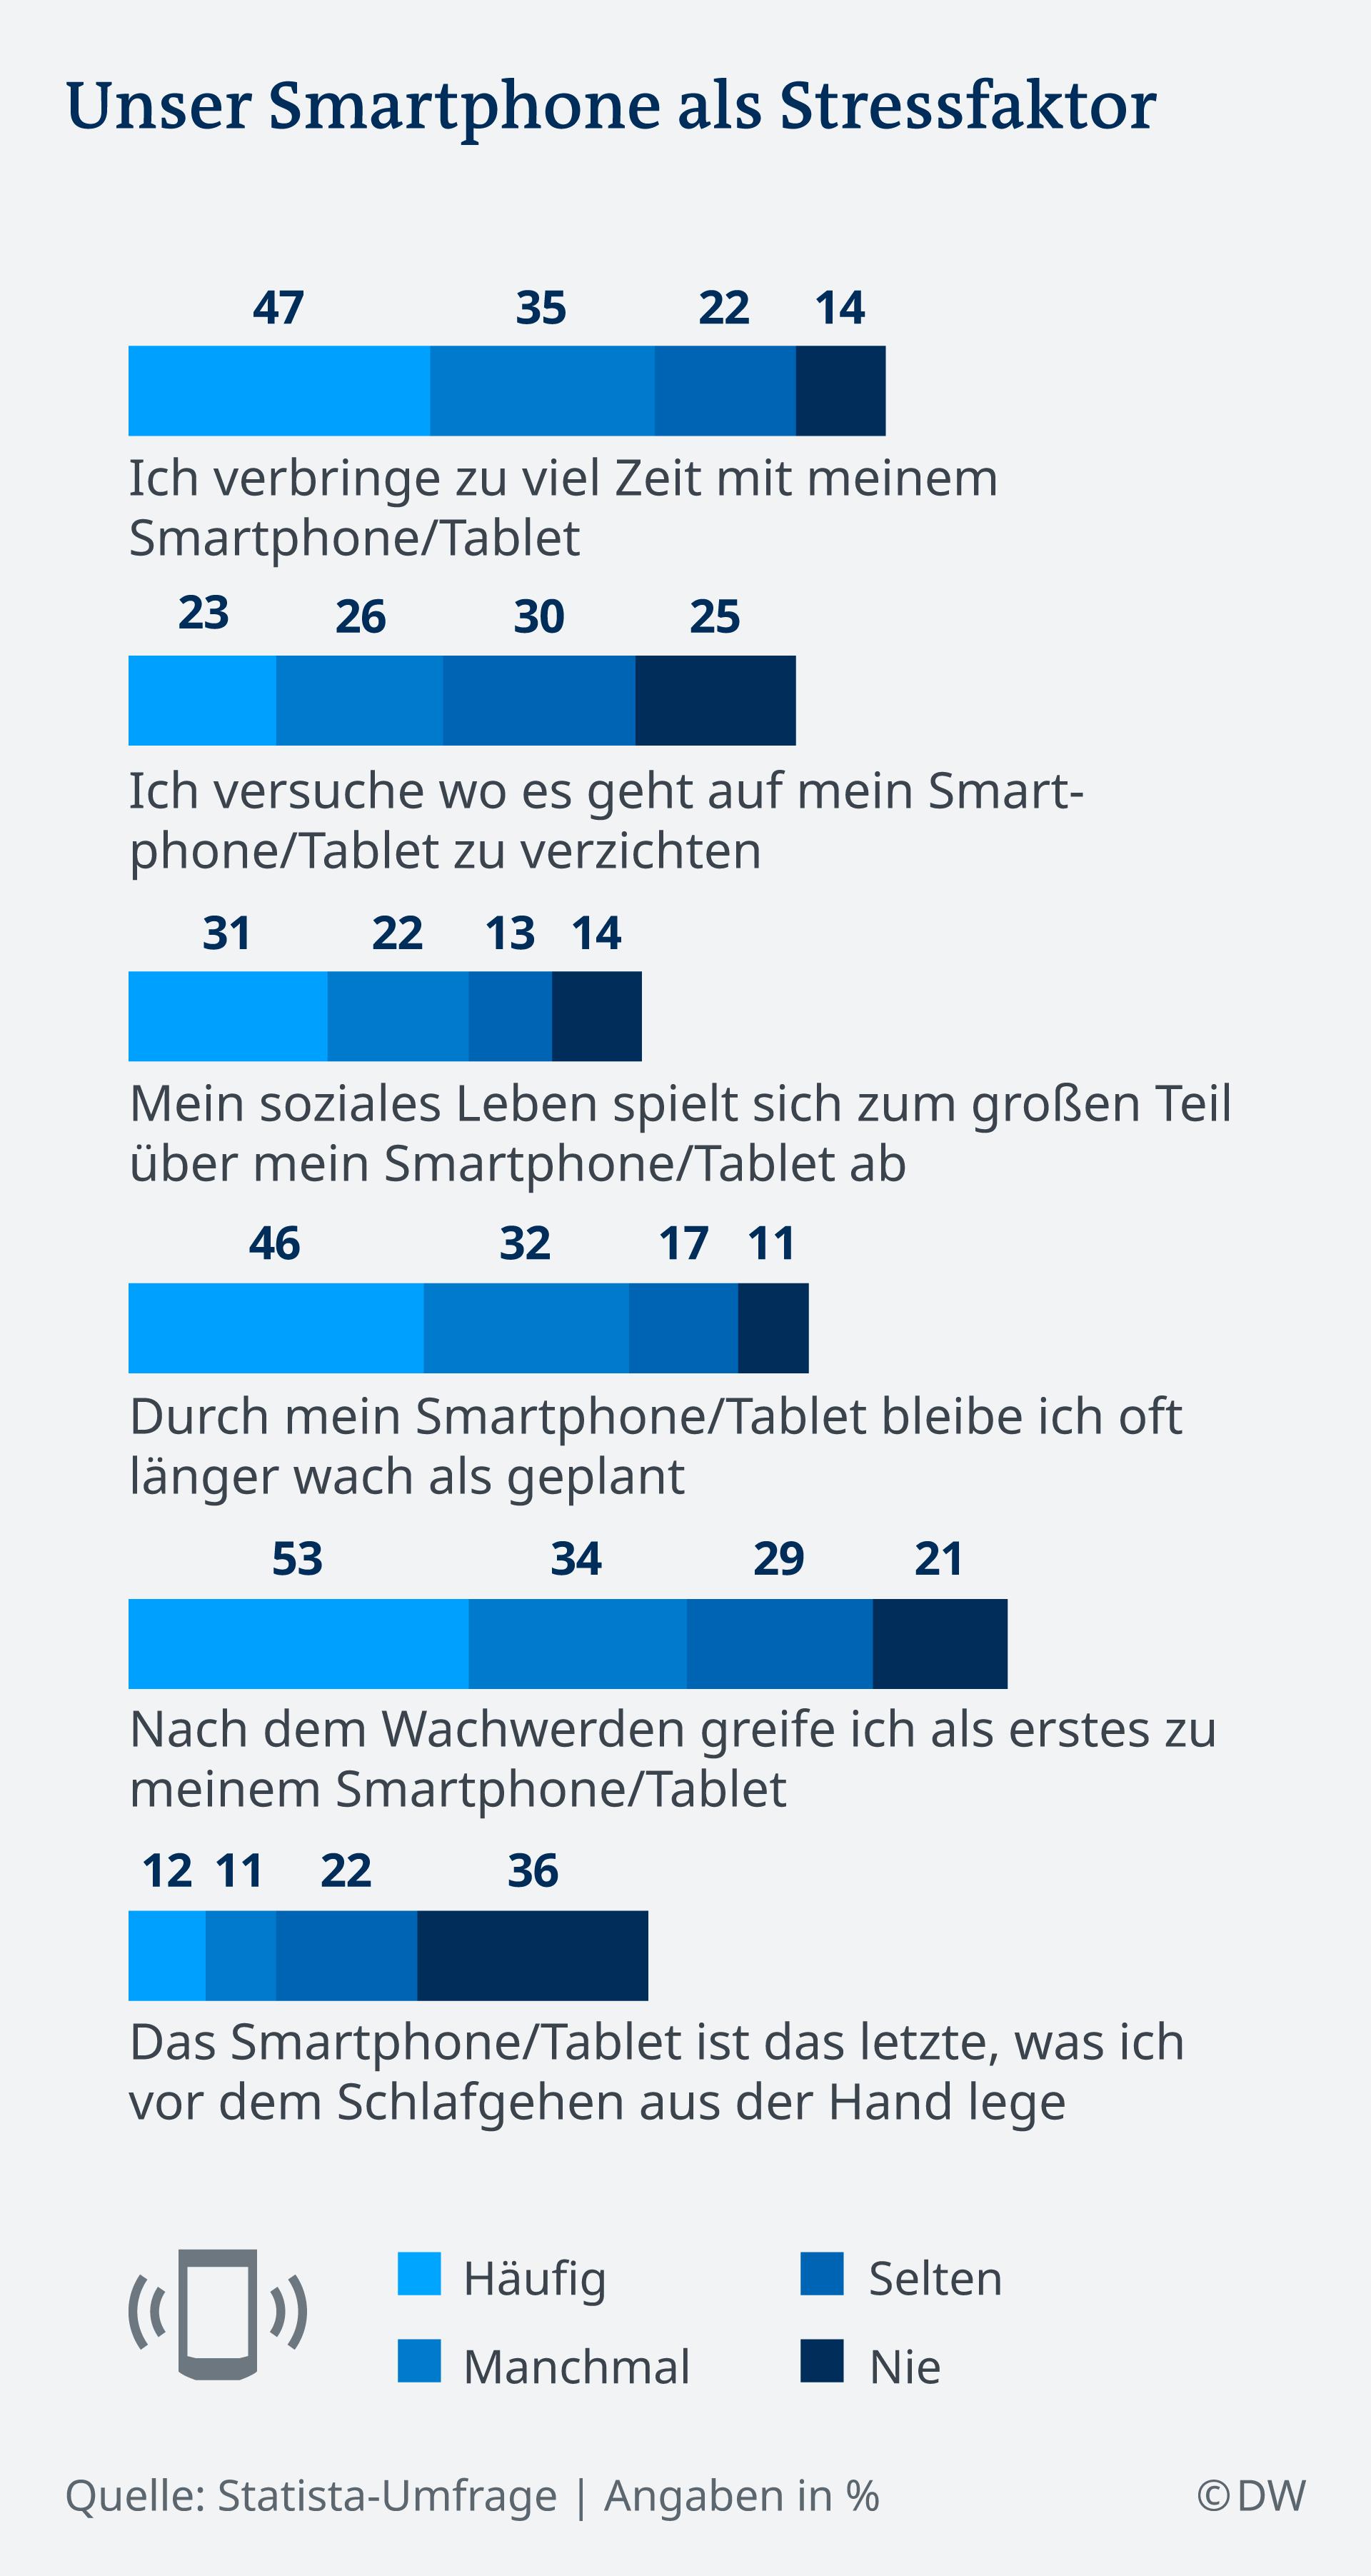 Umfrage Smartphonenutzung: Welche Aussagen treffen auf Sie zu und wie häufig fühlen Sie sich gestresst?